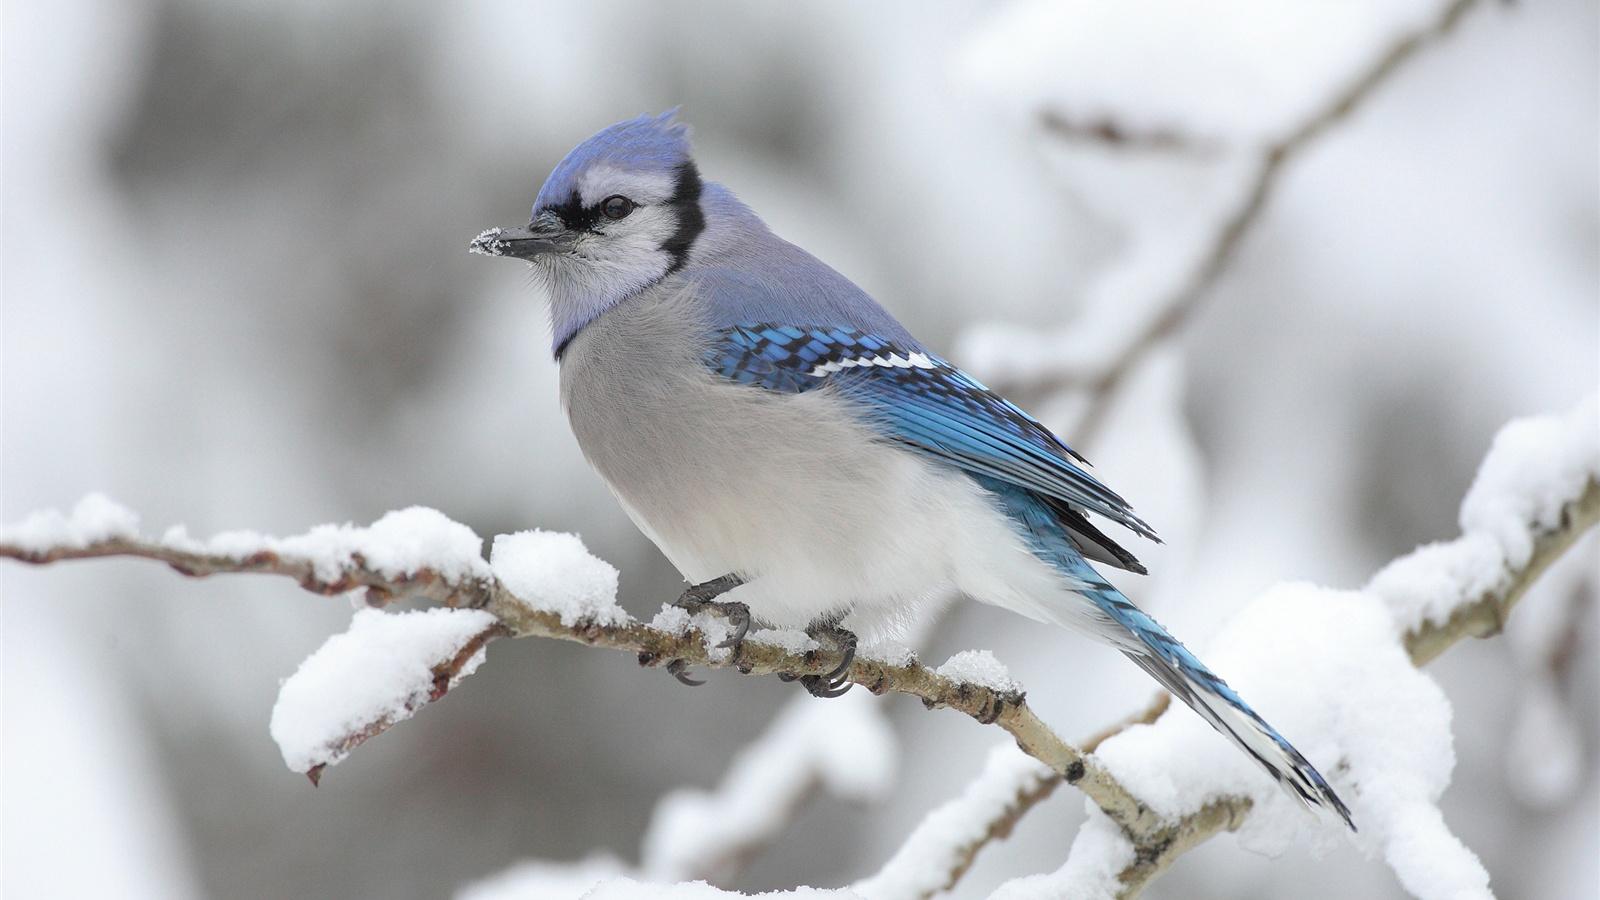 ein vogel auf dem baum winter schnee hintergrundbilder 1600x900 hintergrundbilder download. Black Bedroom Furniture Sets. Home Design Ideas